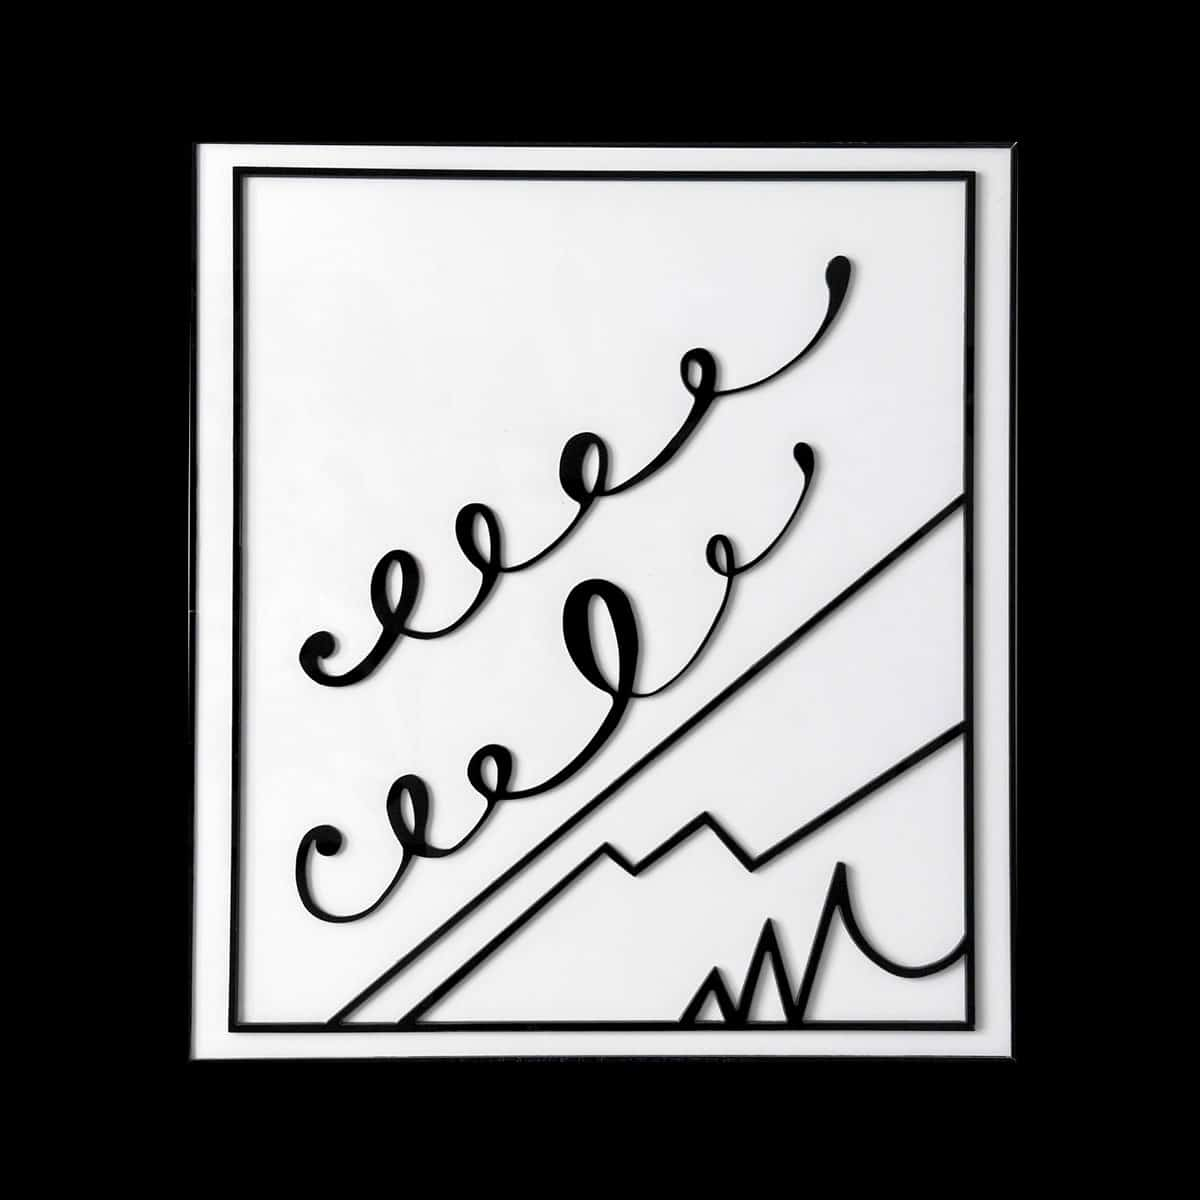 Bertrand Lavier, Walt Disney Productions, 2016. Plexiglass, 78 x 70 cm. 30 exemplaires signés et numérotés